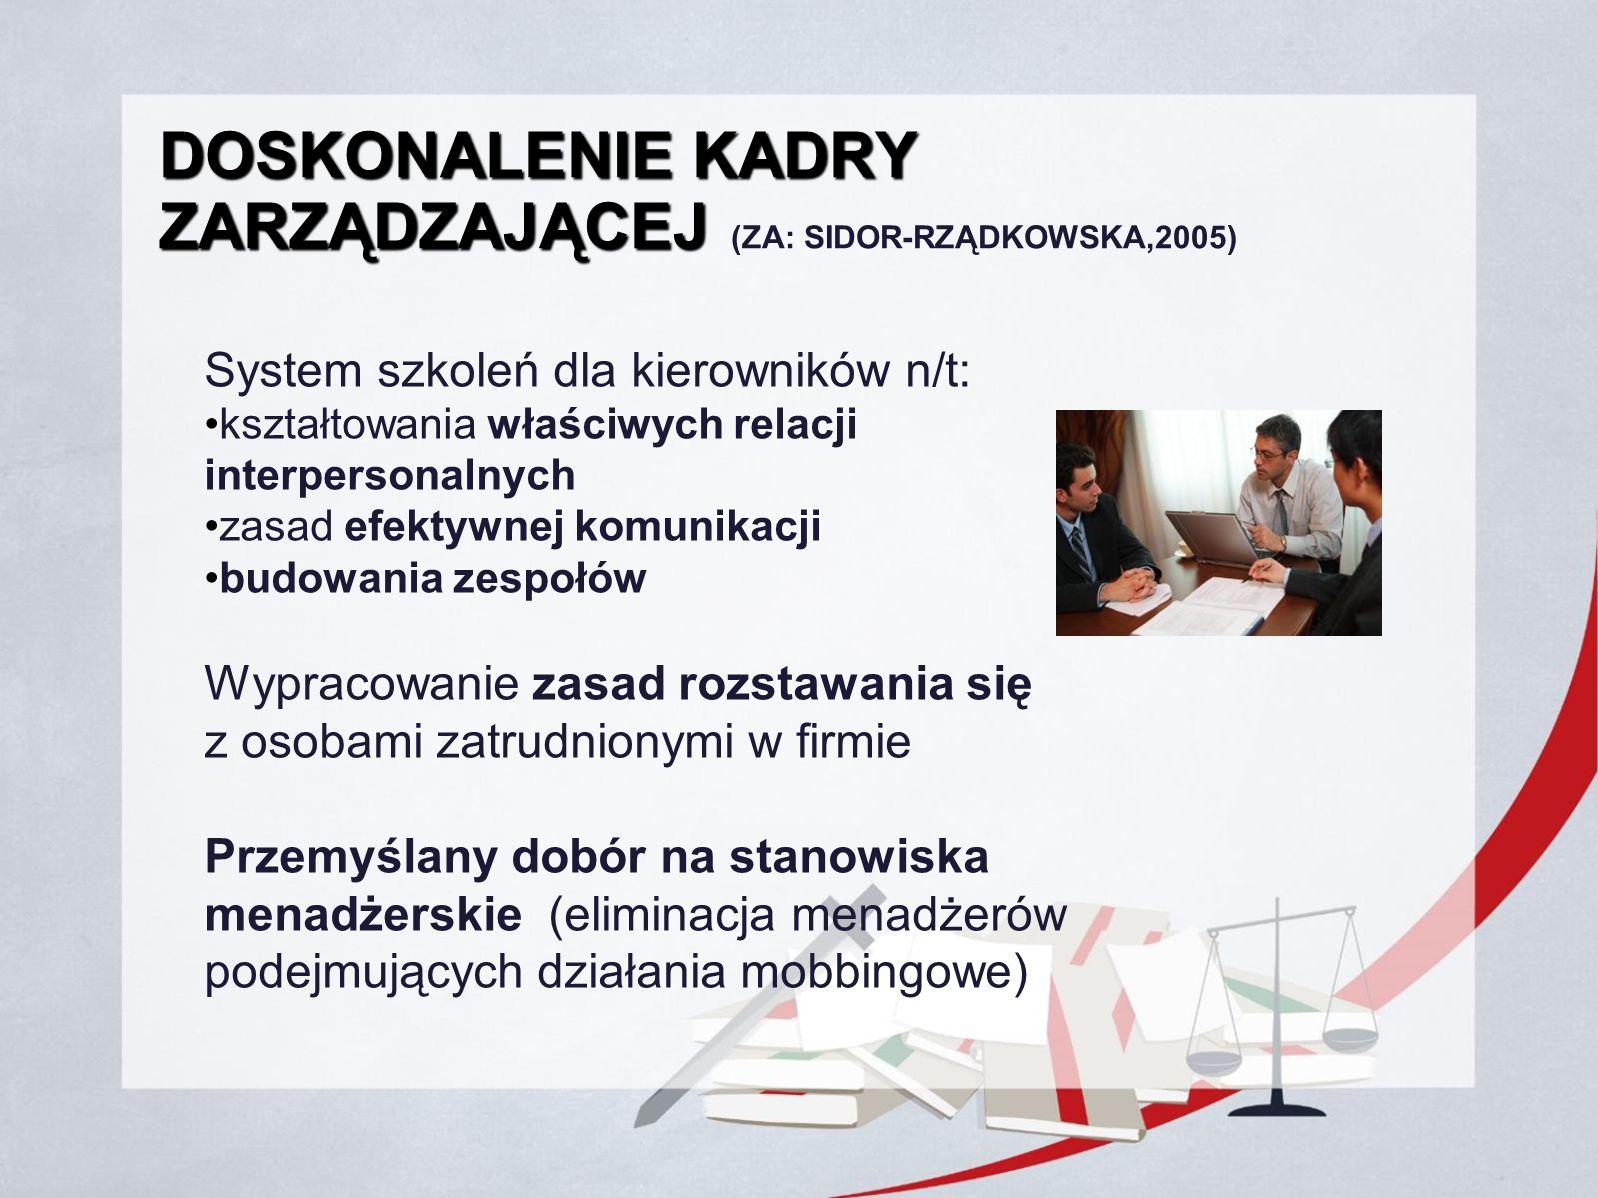 DOSKONALENIE KADRY ZARZĄDZAJĄCEJ DOSKONALENIE KADRY ZARZĄDZAJĄCEJ (ZA: SIDOR-RZĄDKOWSKA,2005) System szkoleń dla kierowników n/t: kształtowania właści